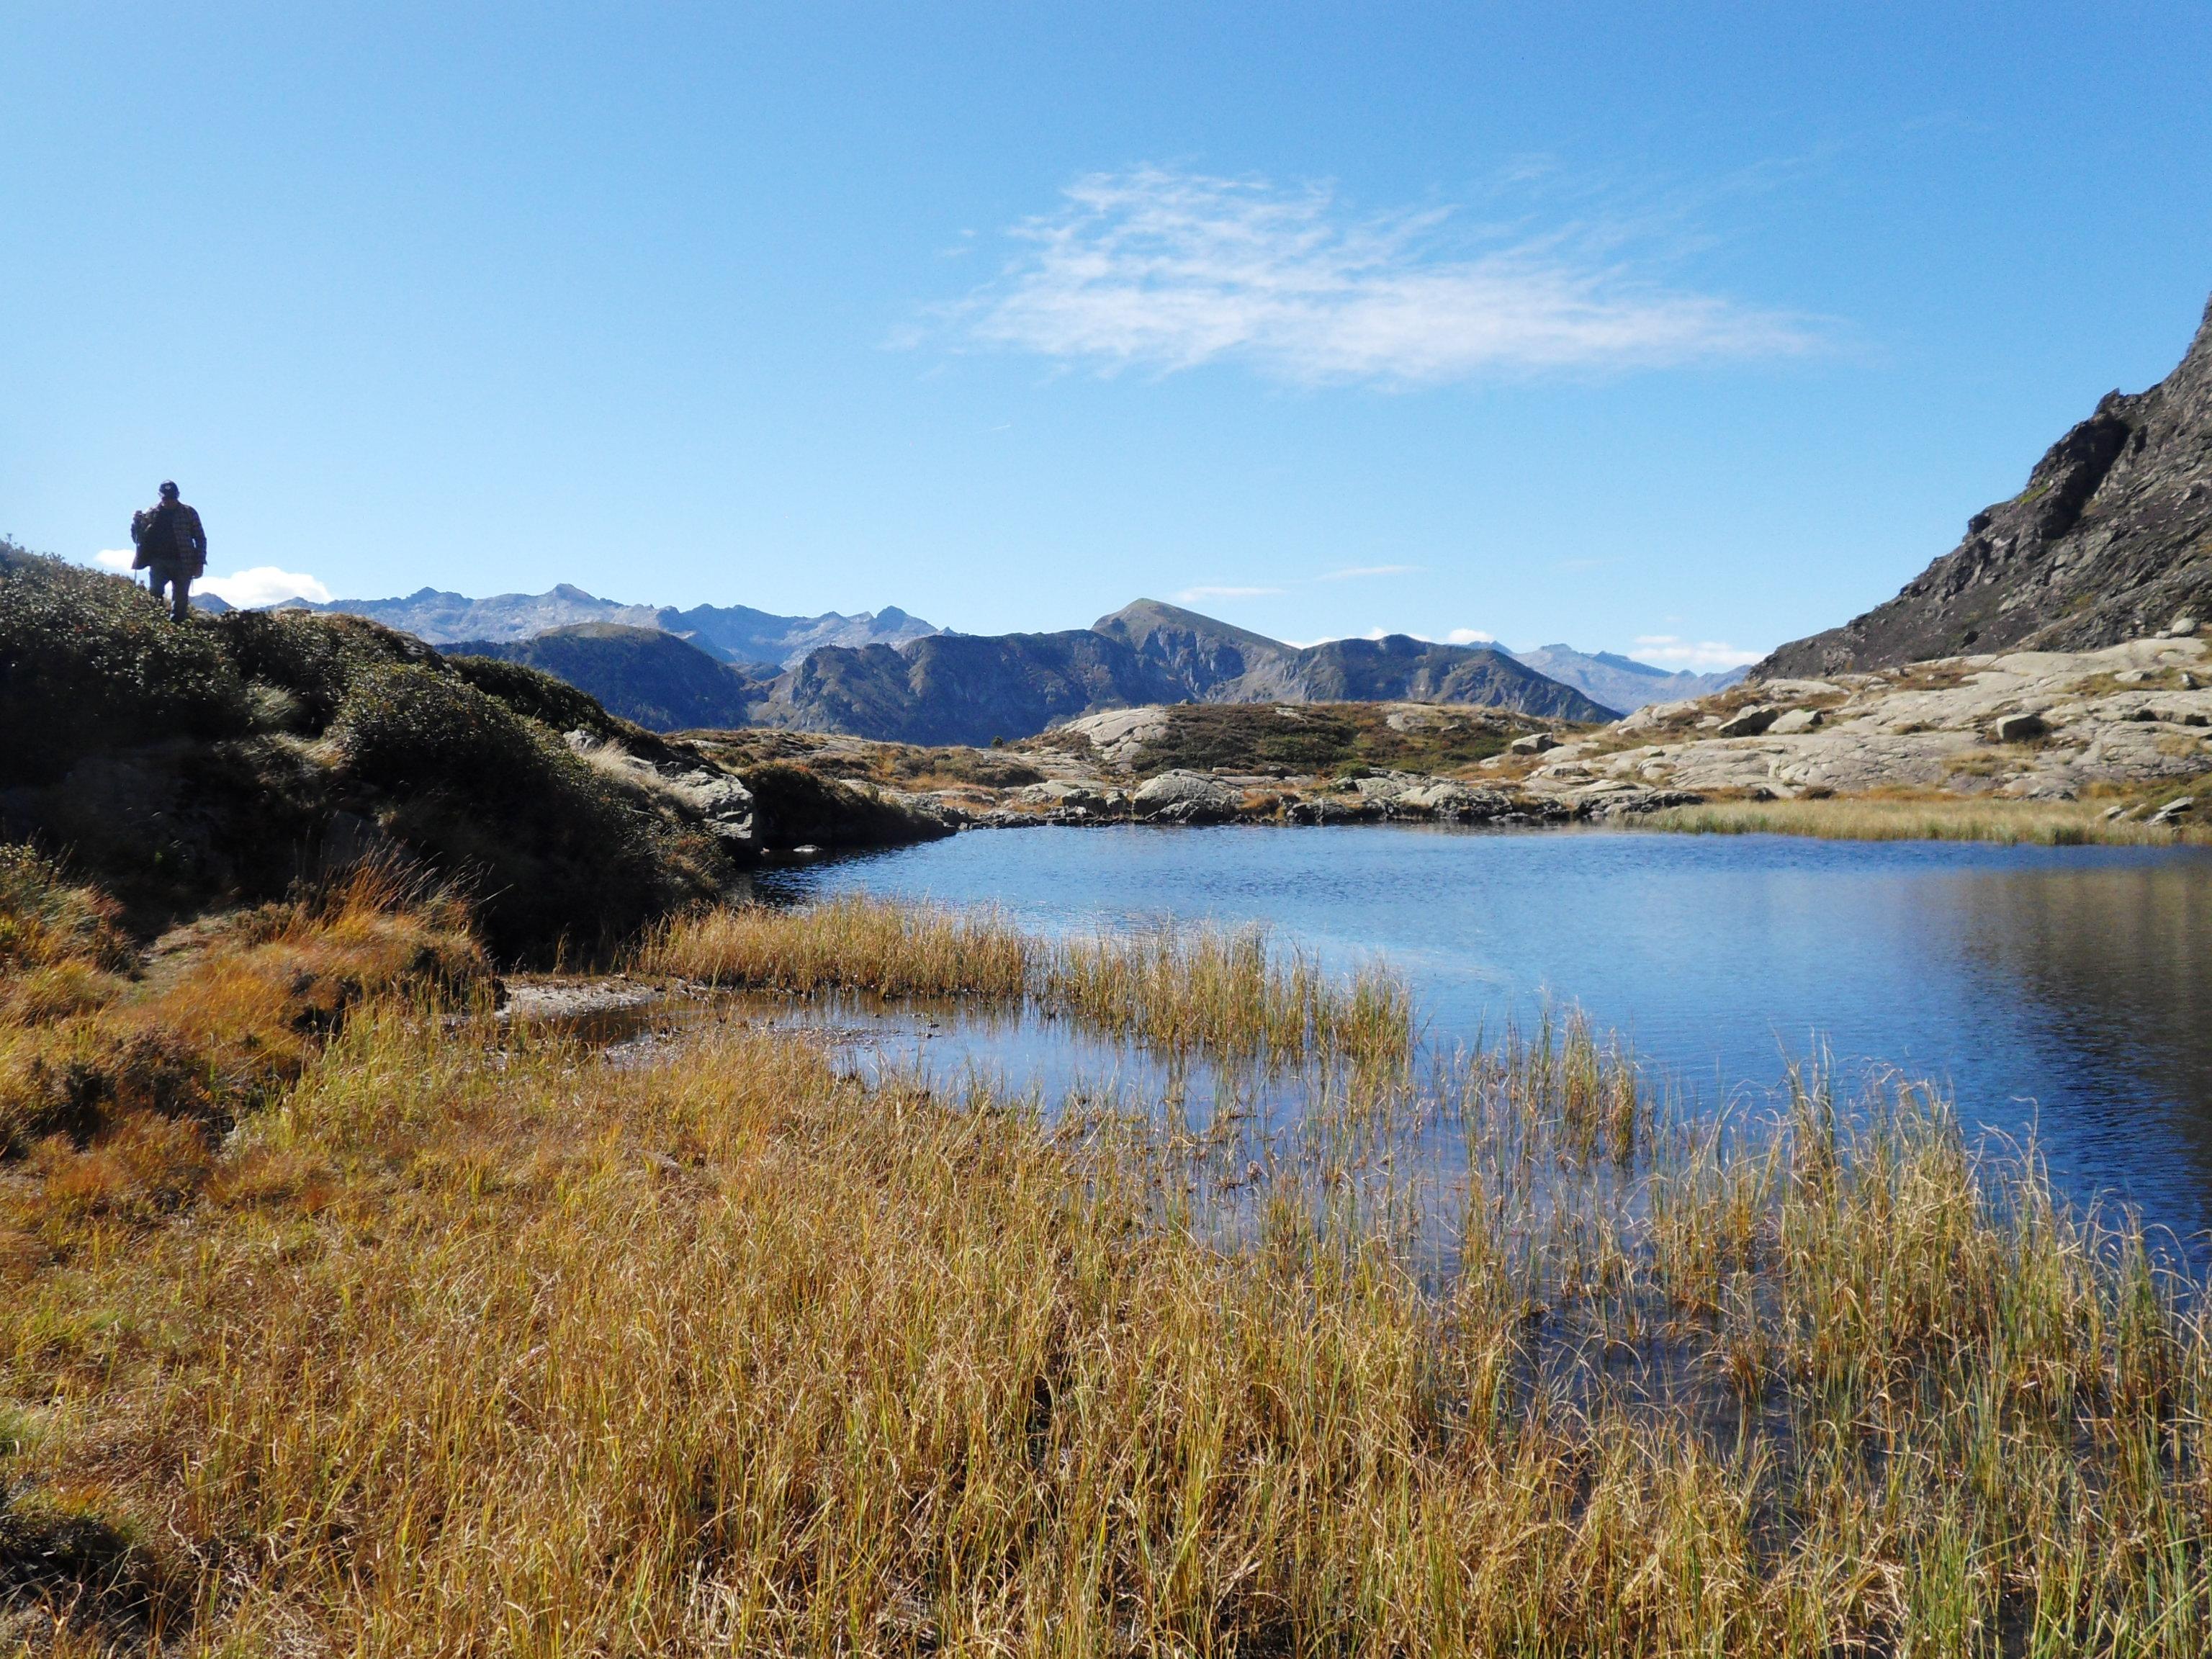 L'étang d'Arbu : une jolie petite randonnée